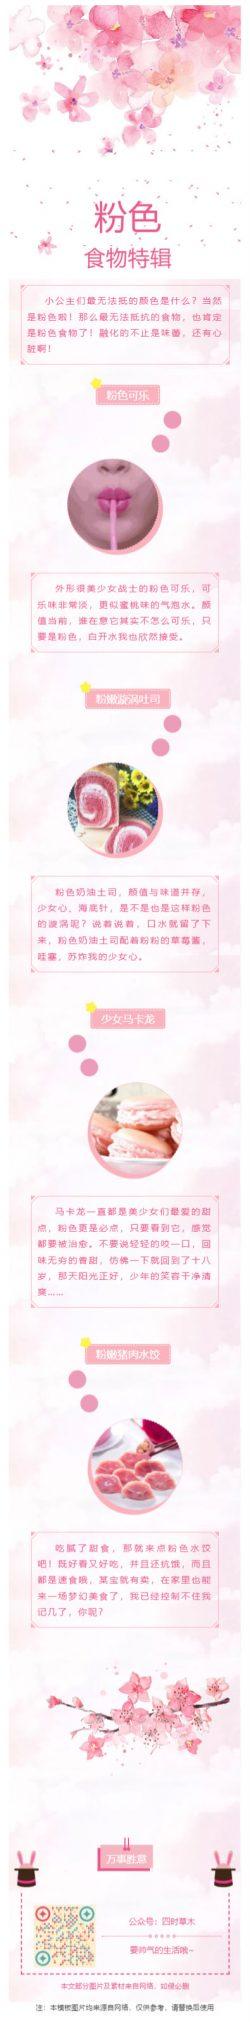 粉色食物粉红风格文章模板微信美食素材推文